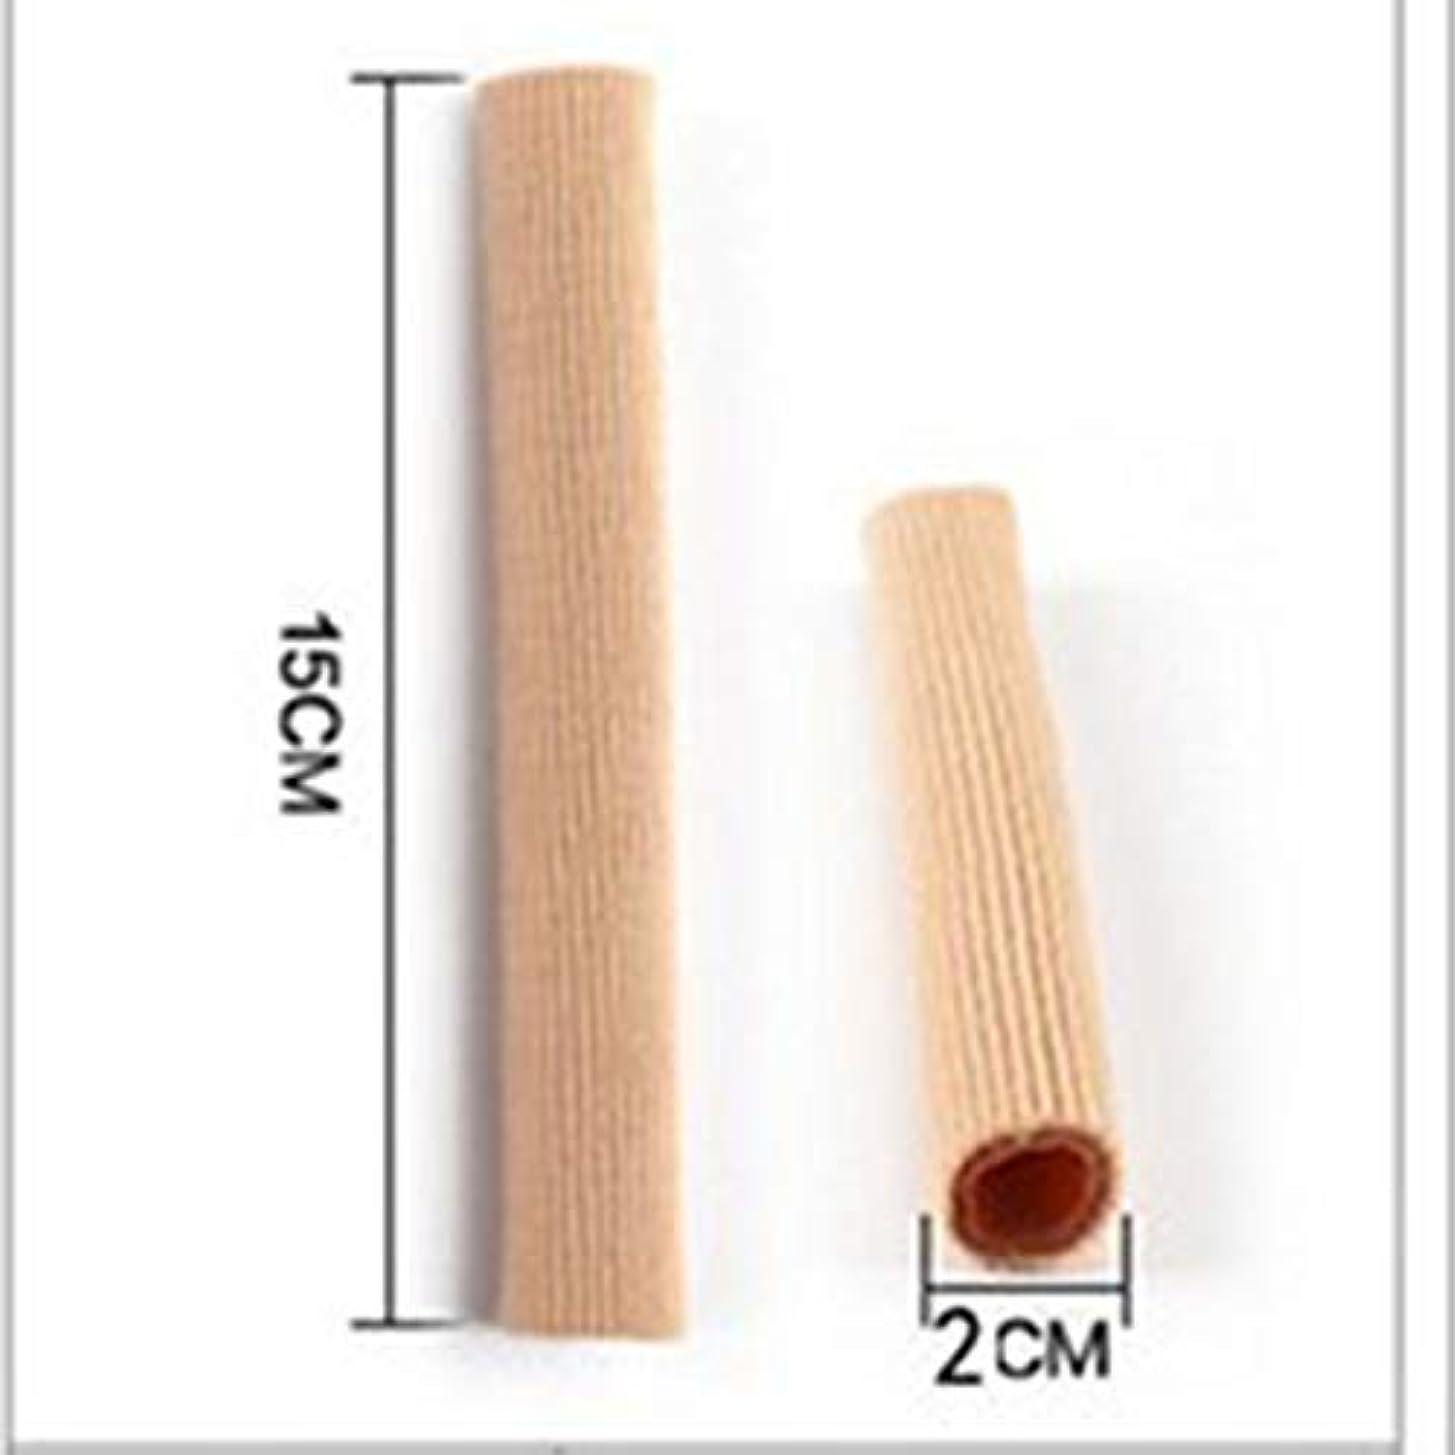 中断聖書酸っぱいOpen Toe Tubes Gel Lined Fabric Sleeve Protectors To Prevent Corns, Calluses And Blisters While Softening And...